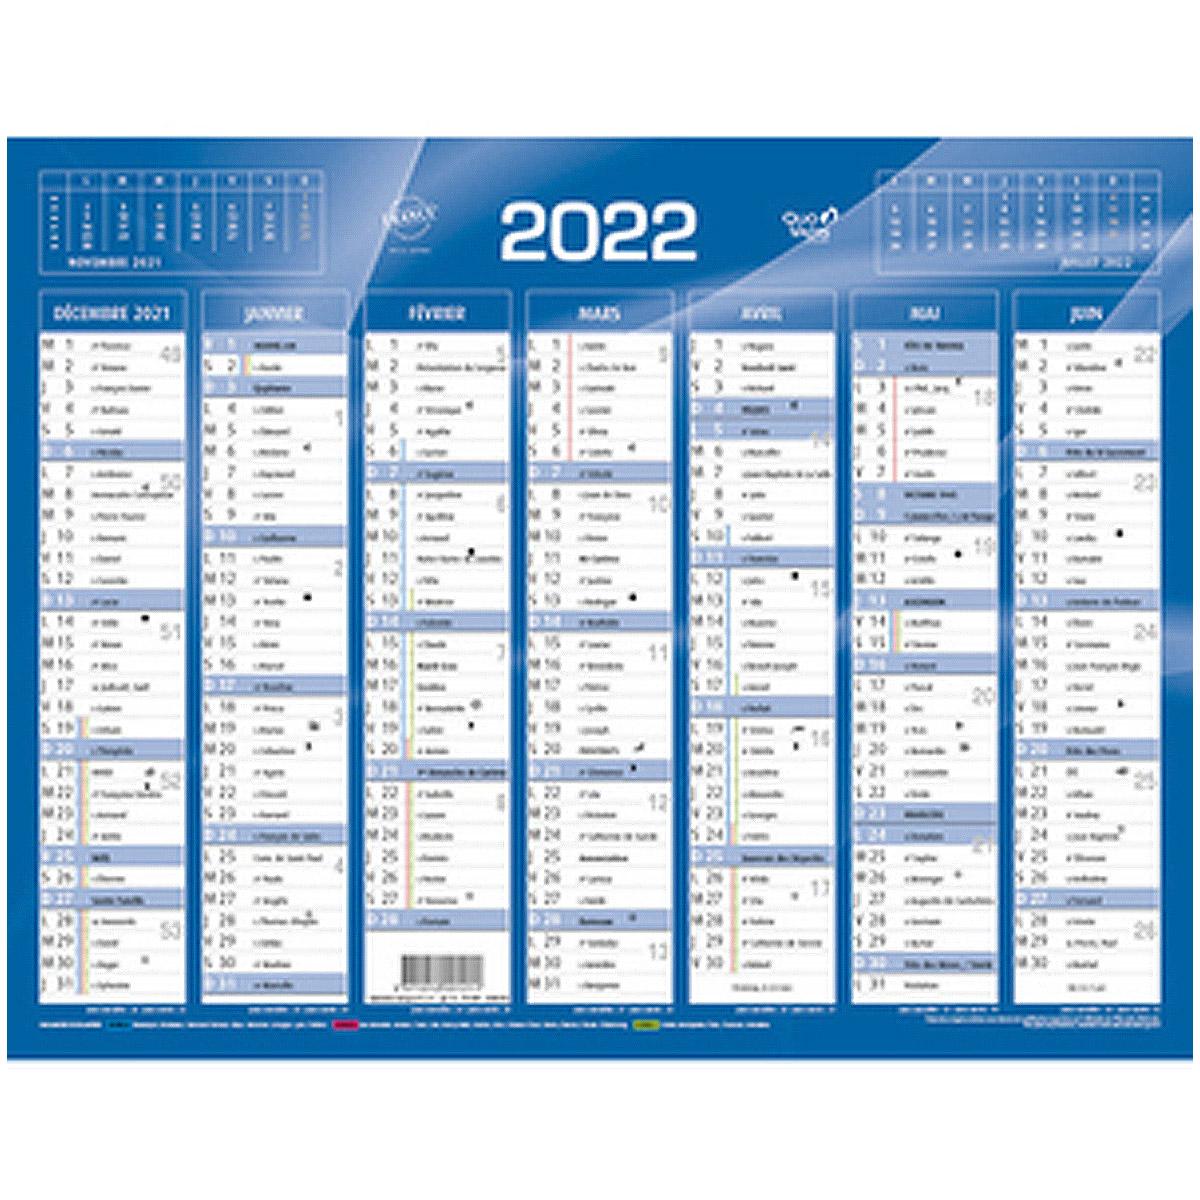 Calendrier Photo 2022 Pas Cher Calendrier 2022 mural   format: 55 x 40 cm   7 mois par face pas